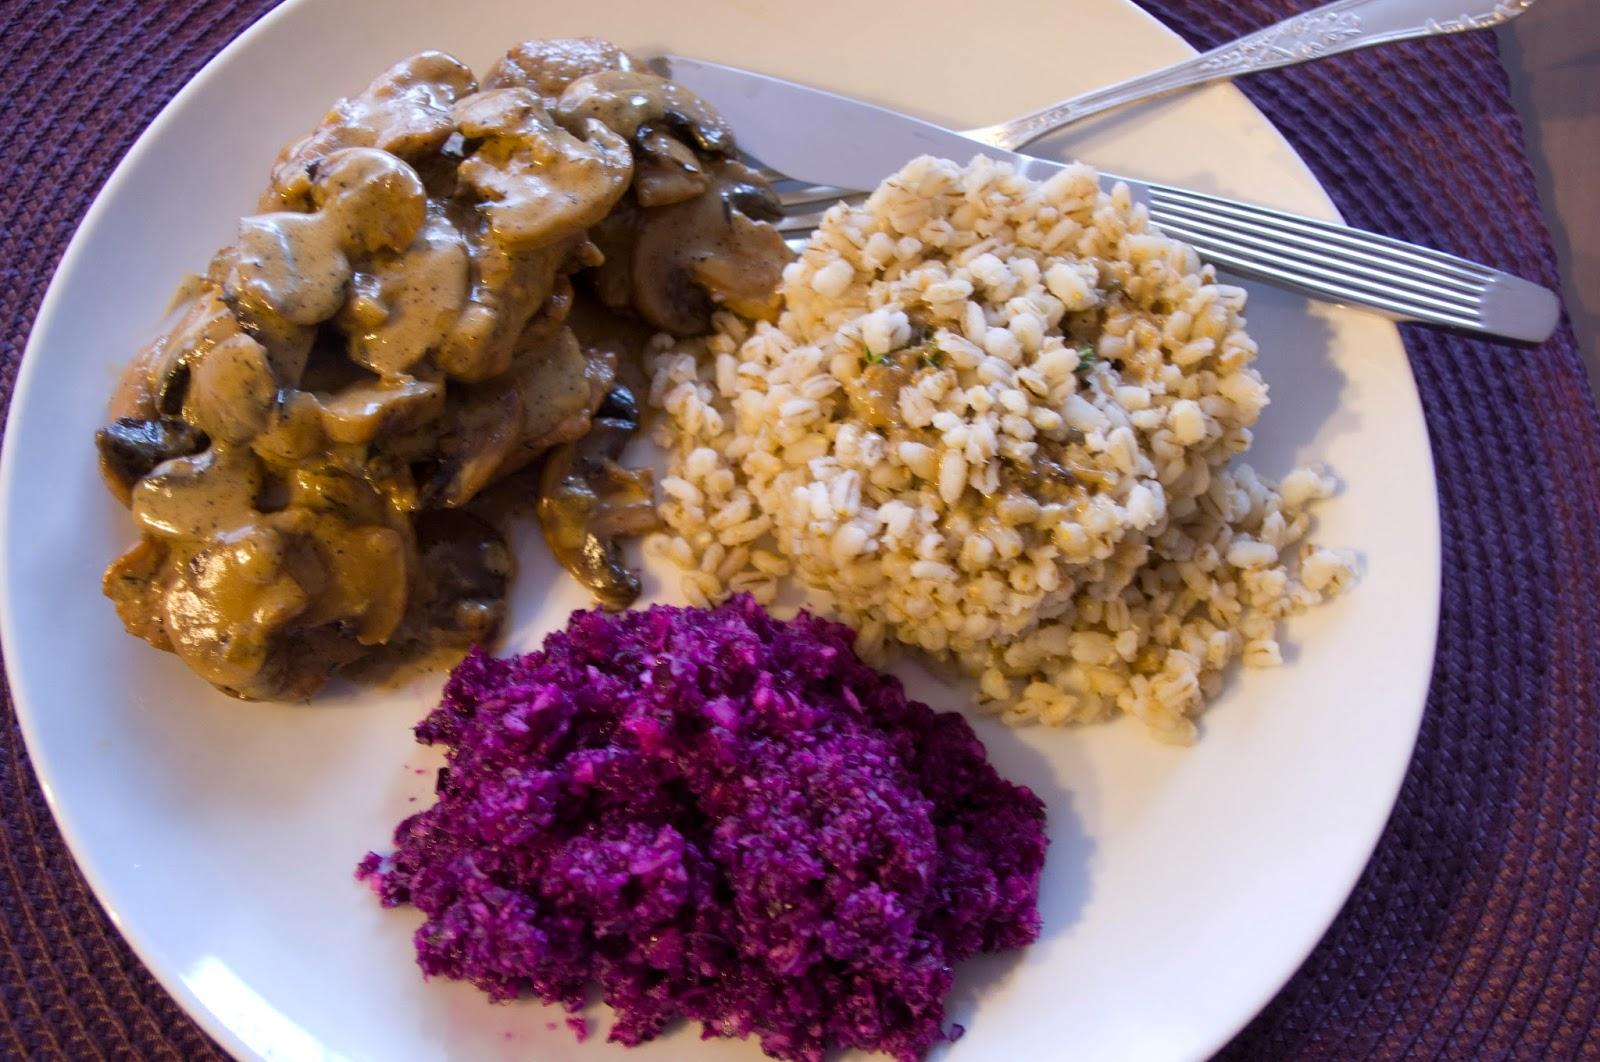 http://mojemenu.blogspot.com/2014/11/niedzielny-obiad-poledwiczki-w-sosie.html